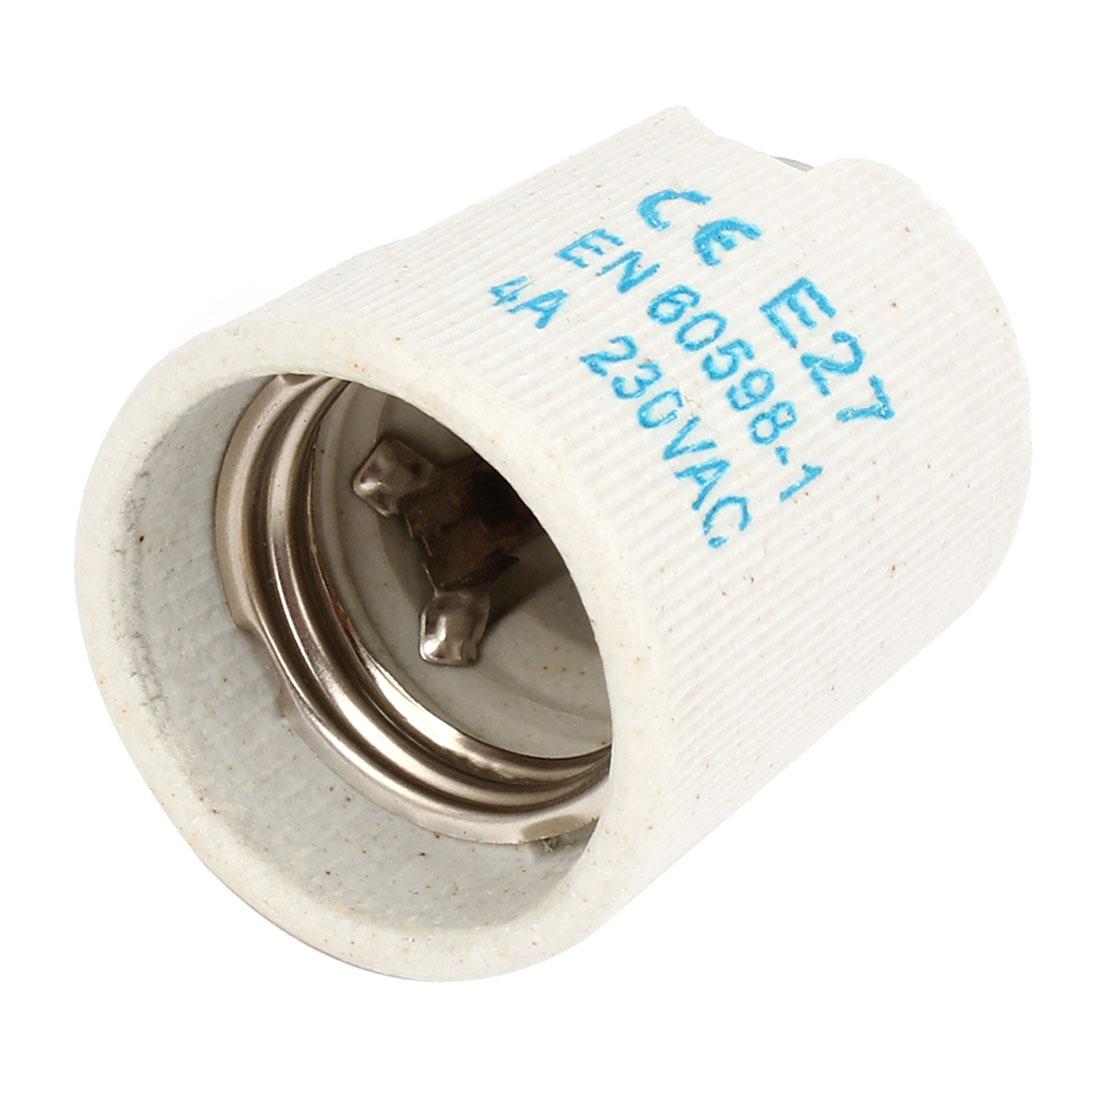 AC 250V 4A Light Gray Ceramic E27 Socket Lamp Bulb Holder w Bracket